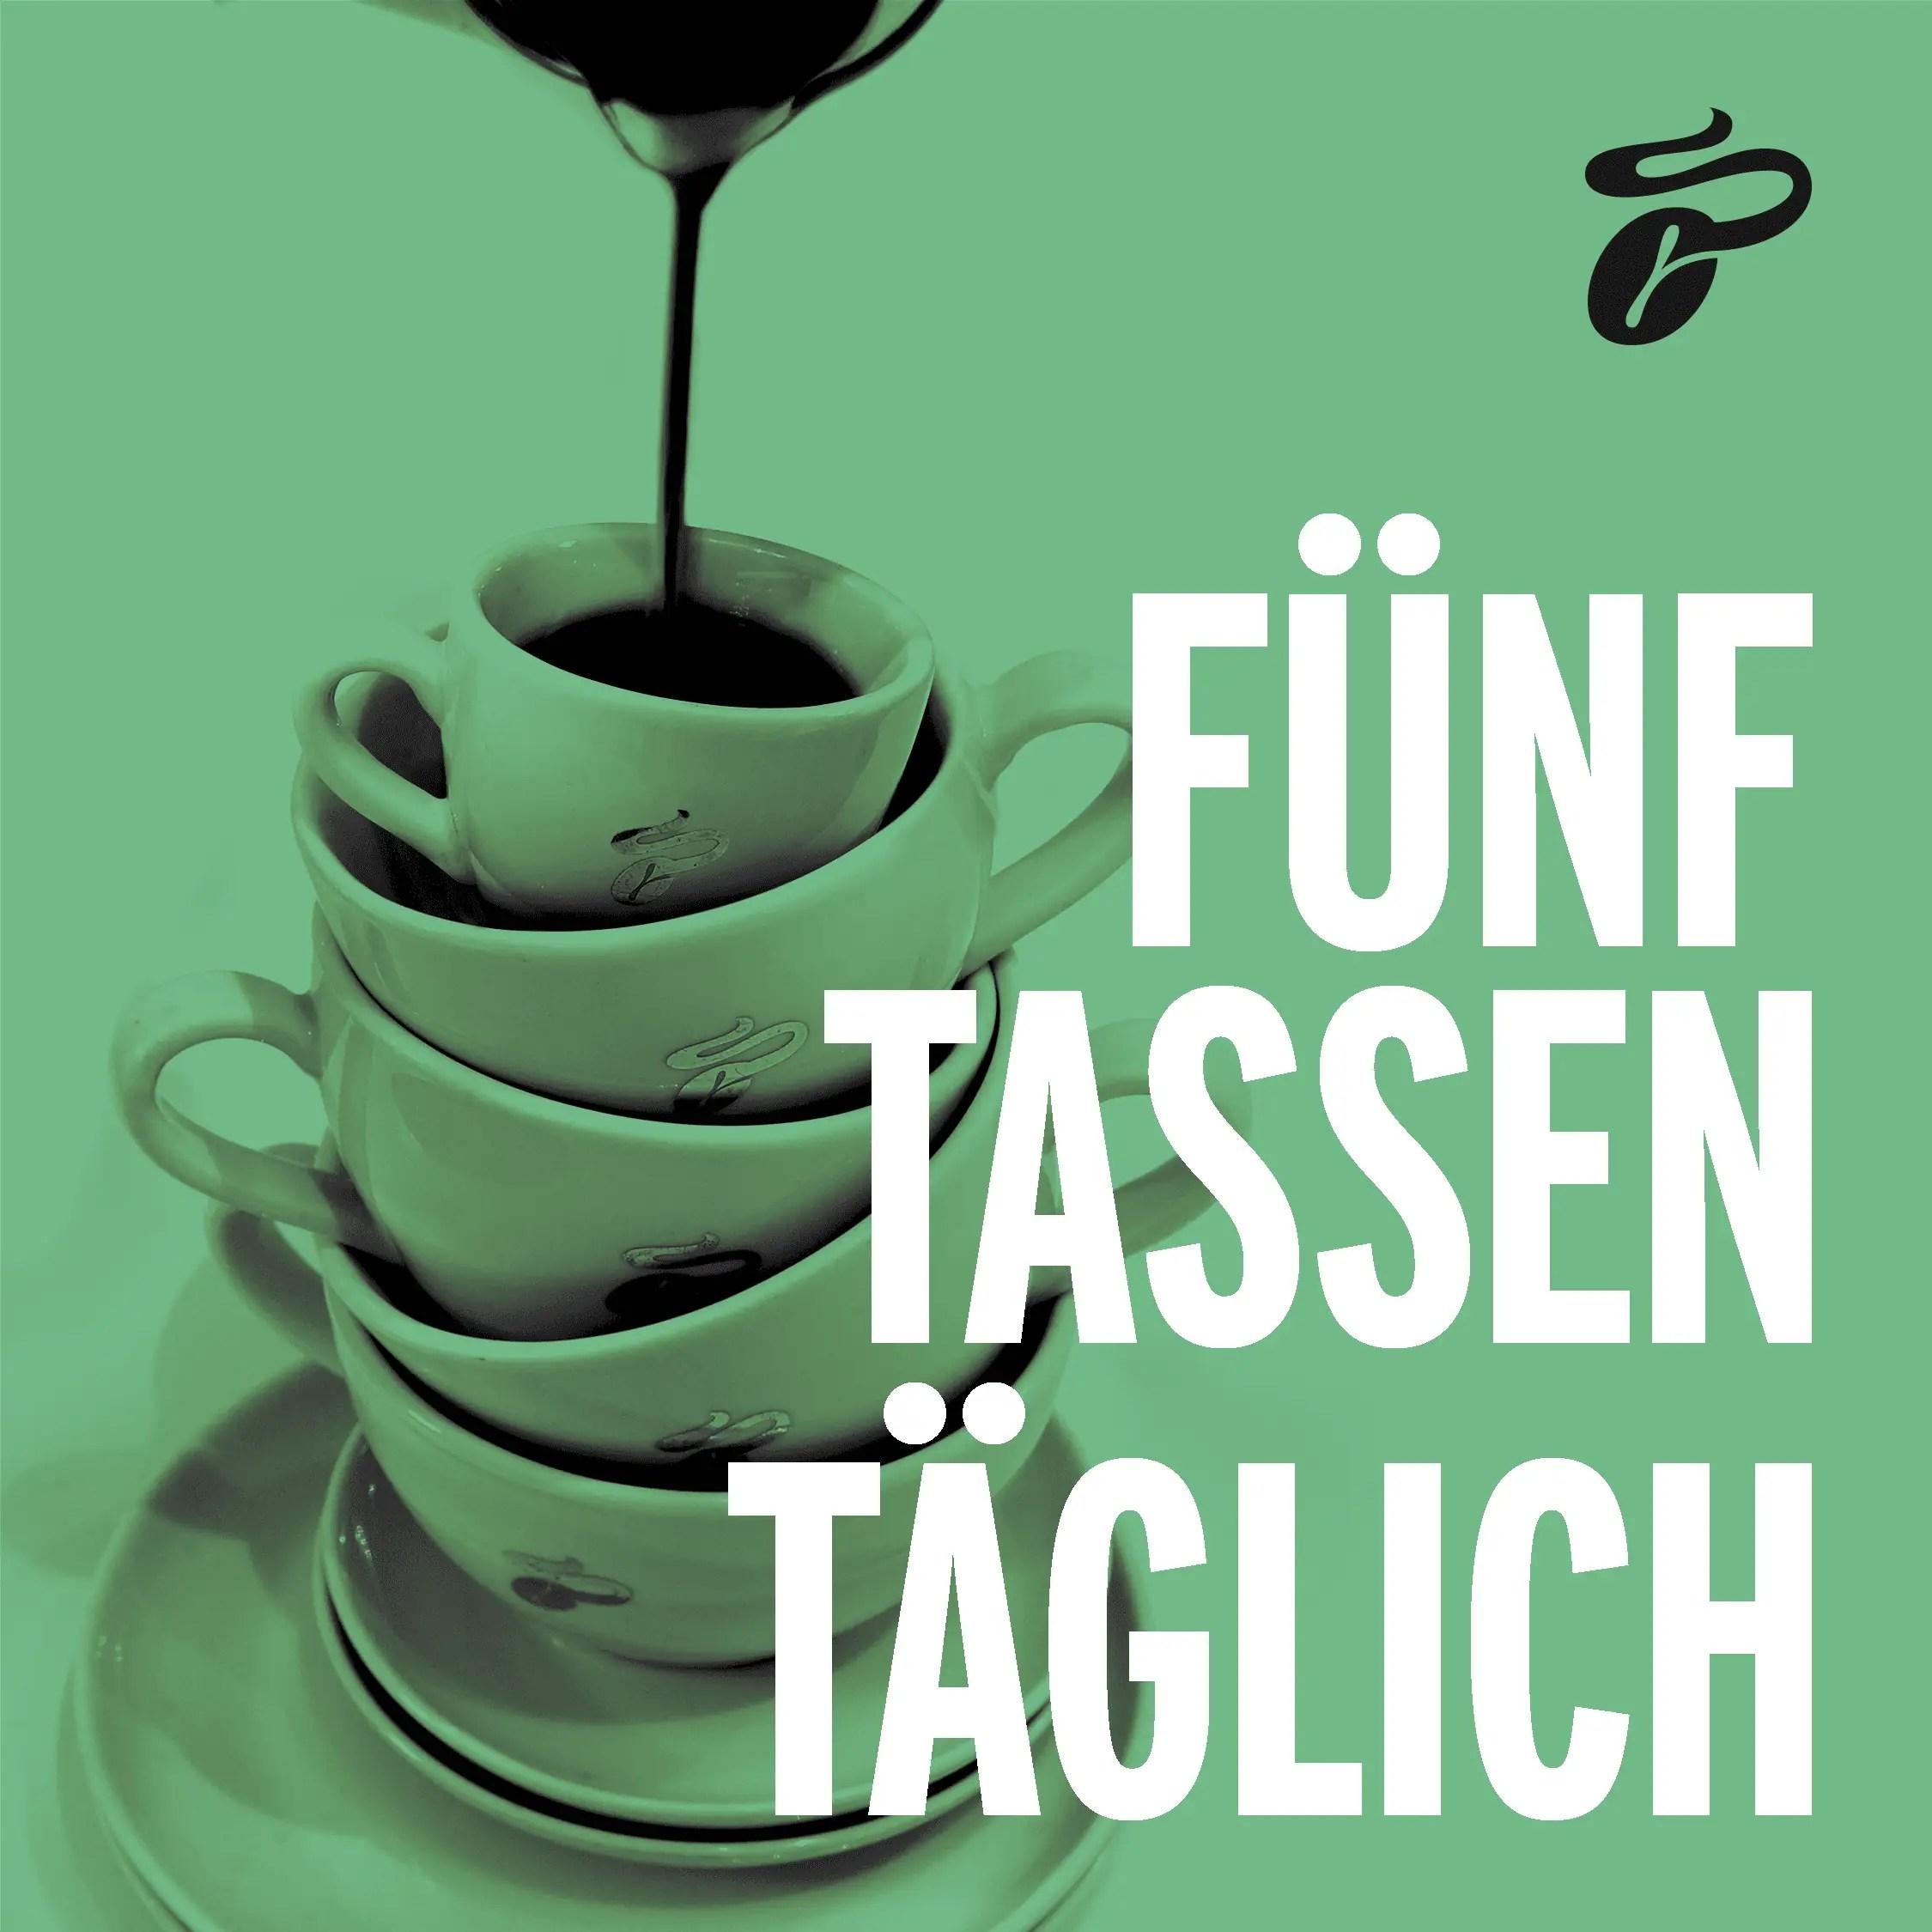 5 Tassen täglich - Der Tchibo Podcast